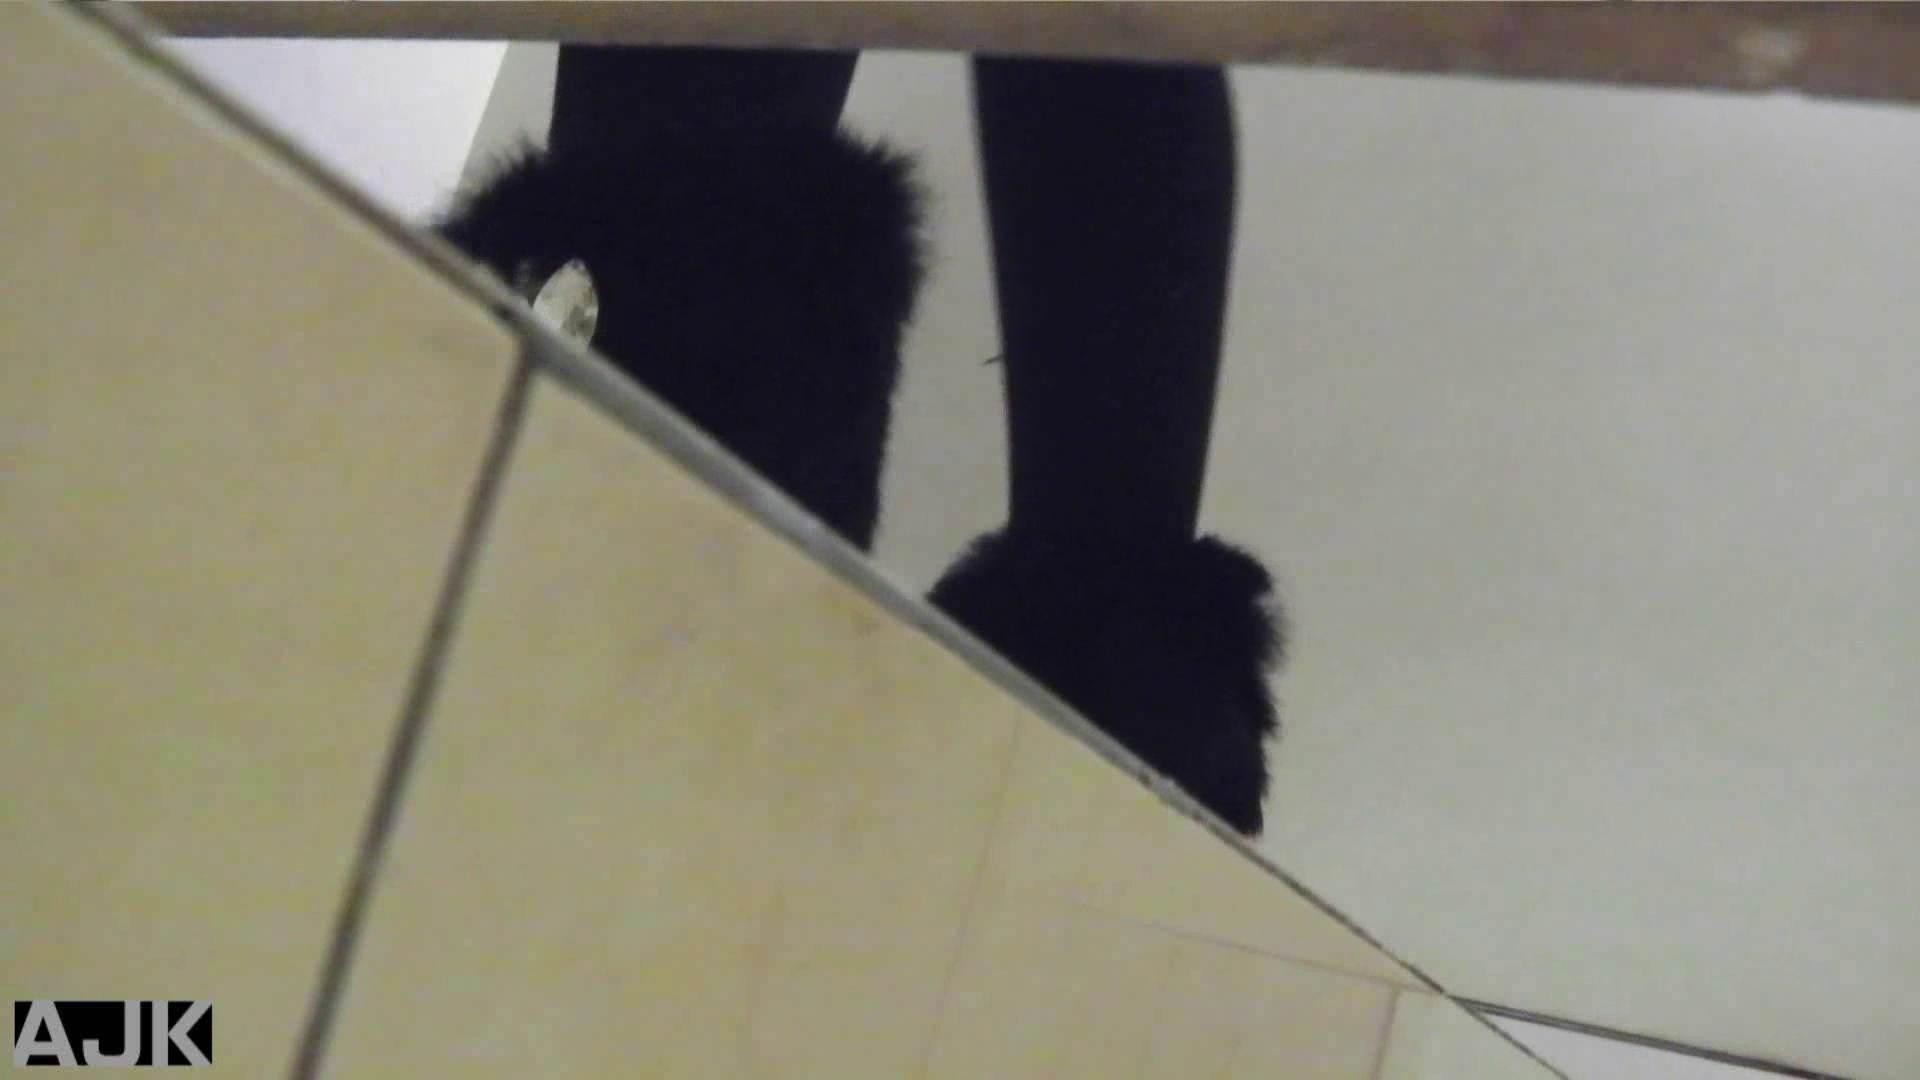 隣国上階級エリアの令嬢たちが集うデパートお手洗い Vol.07 お手洗いのぞき セックス画像 53画像 28